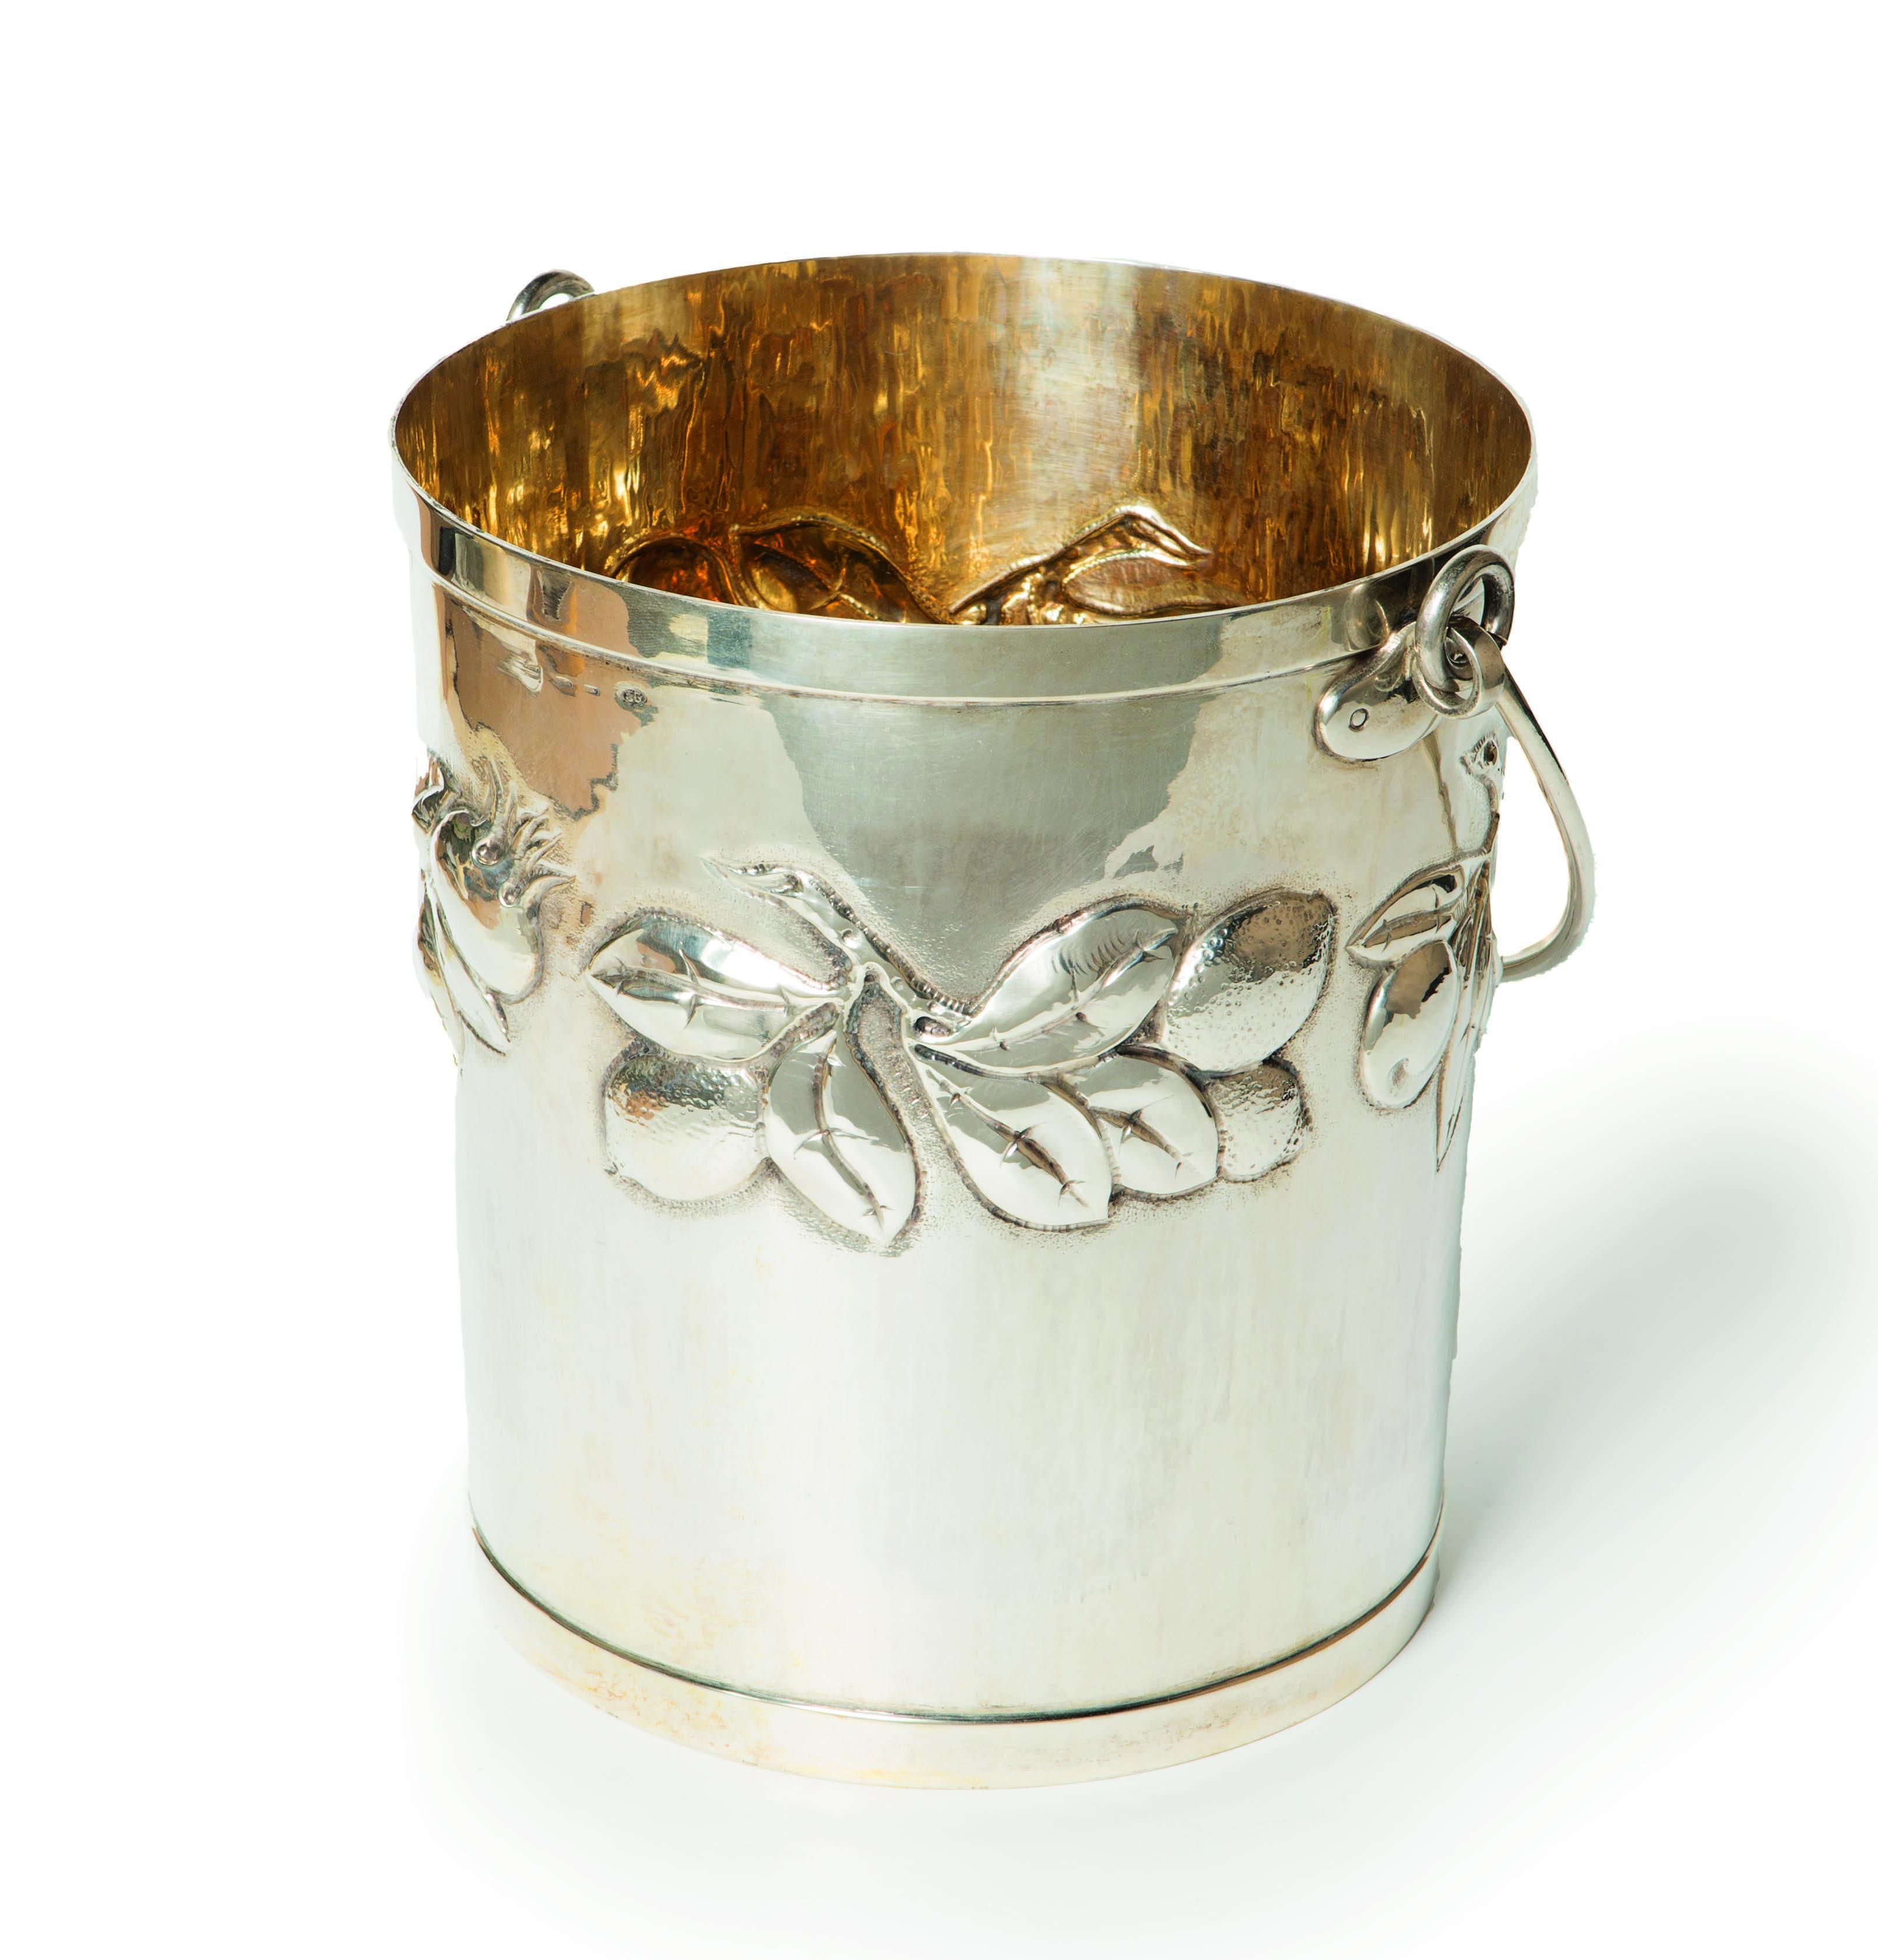 Brandimarte grande secchiello portaghiaccio in argento for Secchiello portaghiaccio